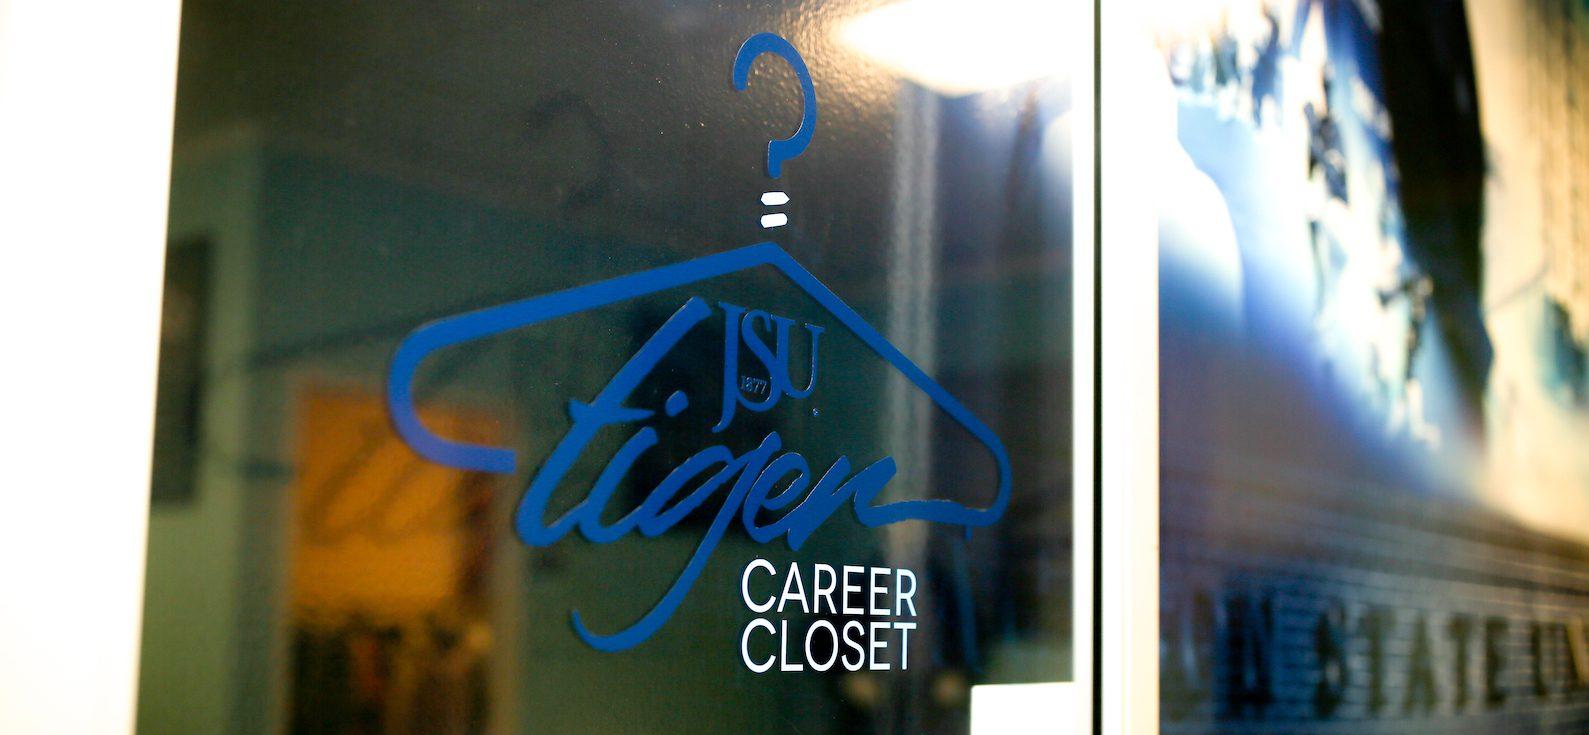 Tiger Career Closet